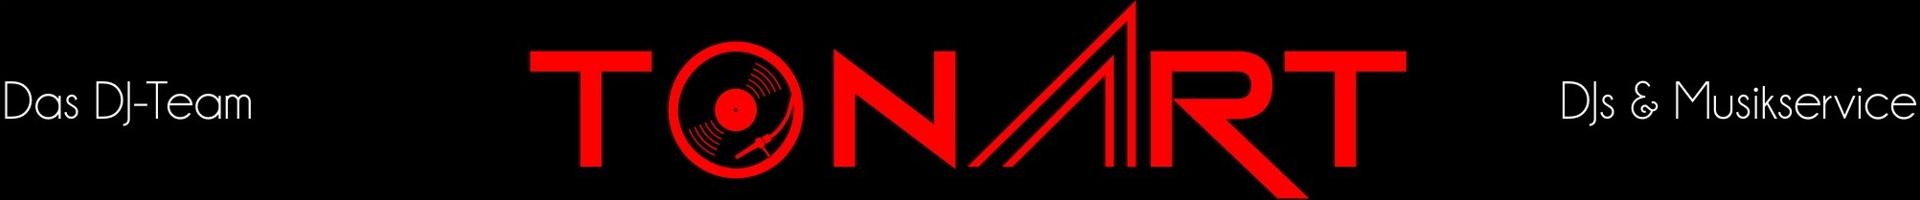 tonArt GbR – DJs & Musikservice